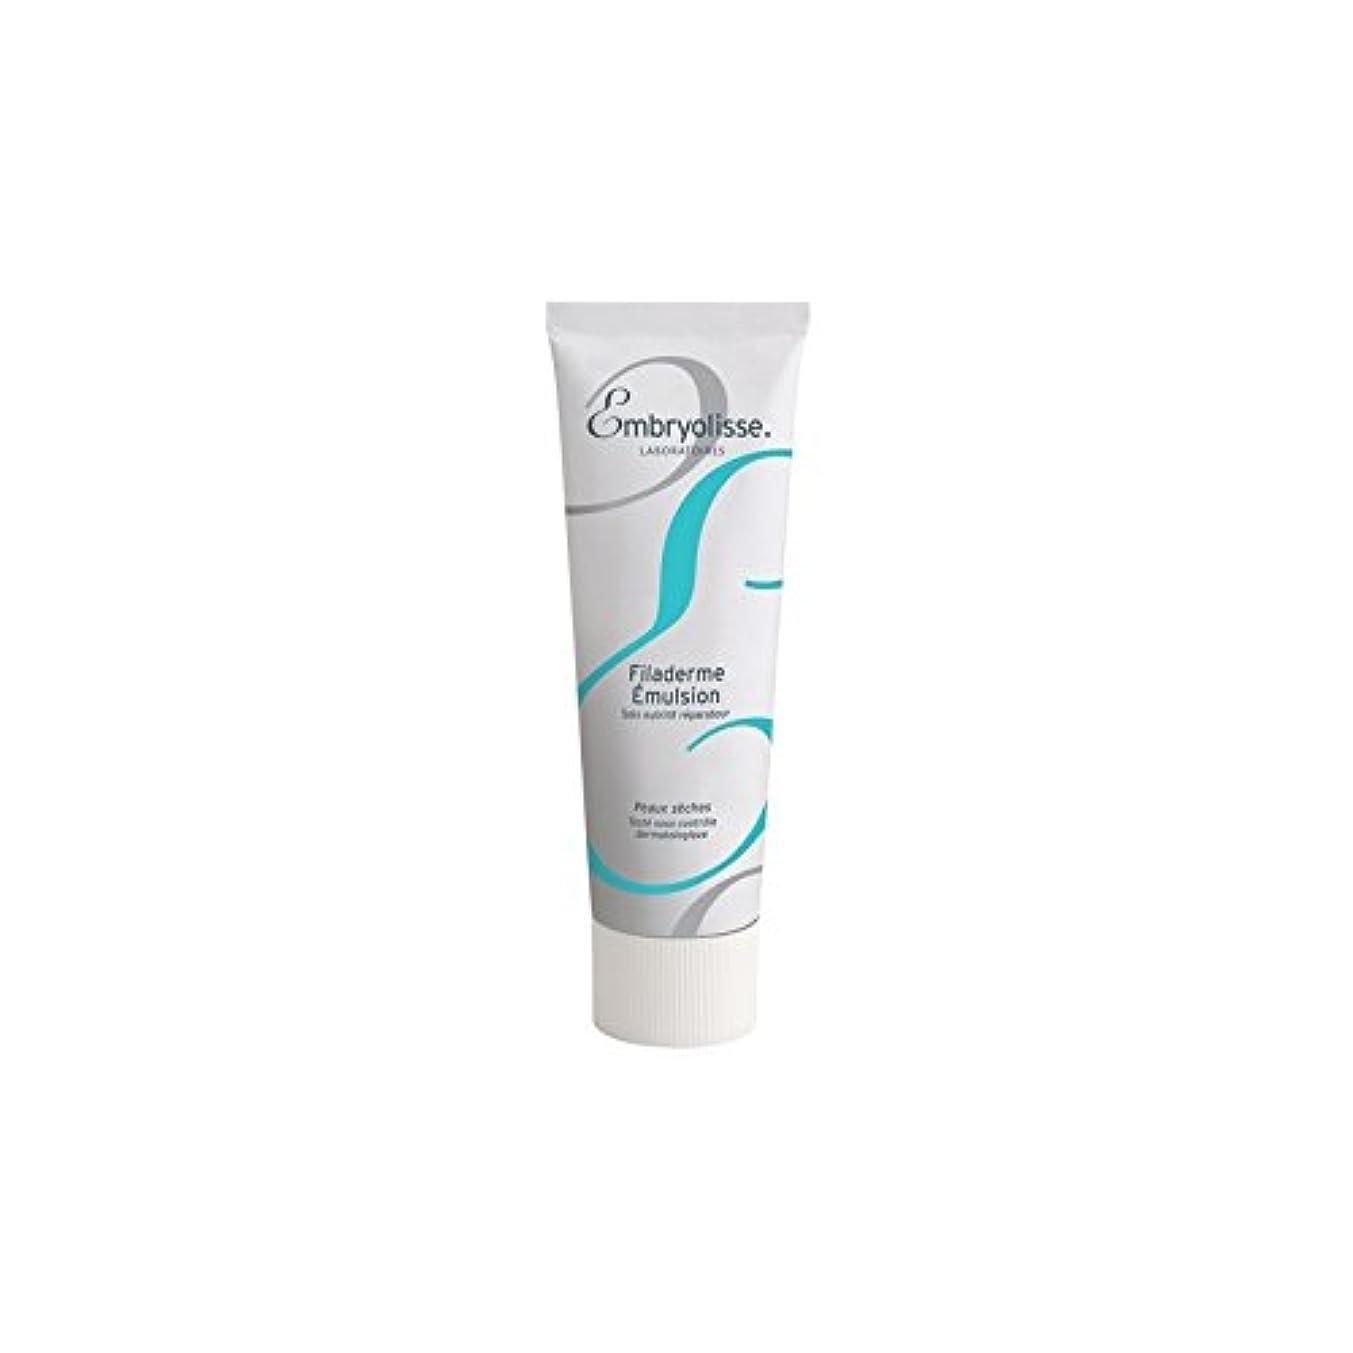 犬アルバムガソリンEmbryolisse Filaderme Emulsion (75ml) - エマルジョン(75ミリリットル) [並行輸入品]